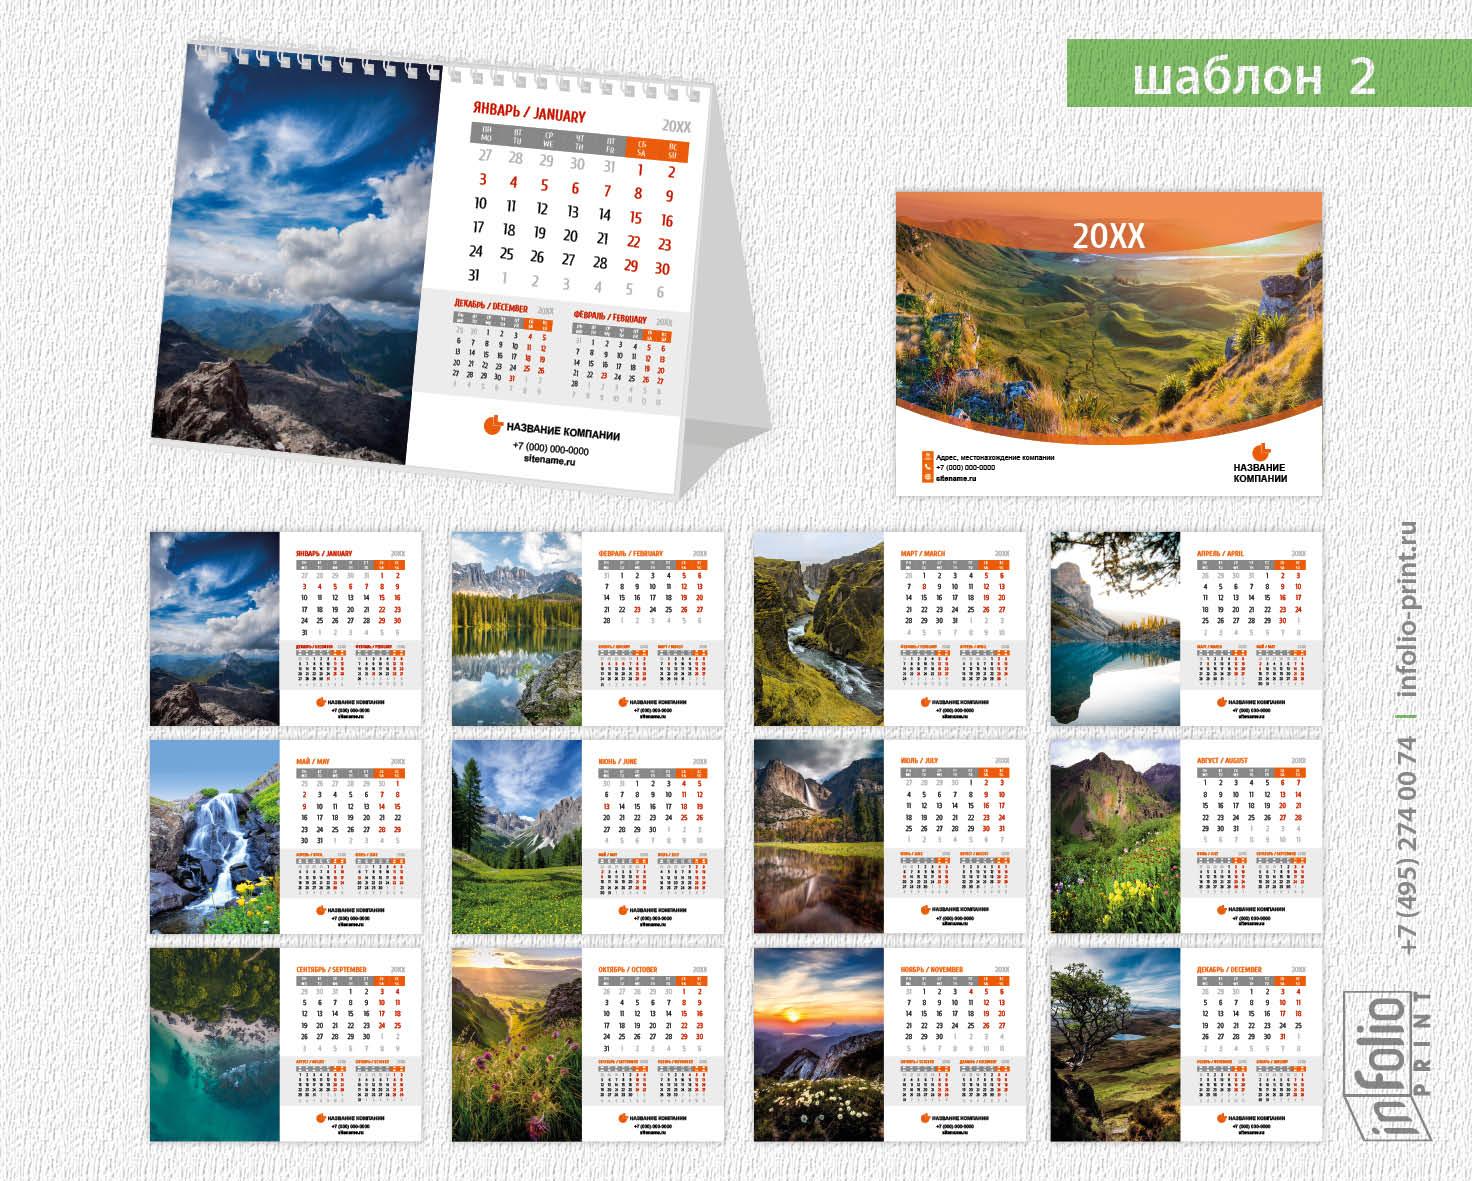 Шаблон 2 настольный перекидной календарь а5